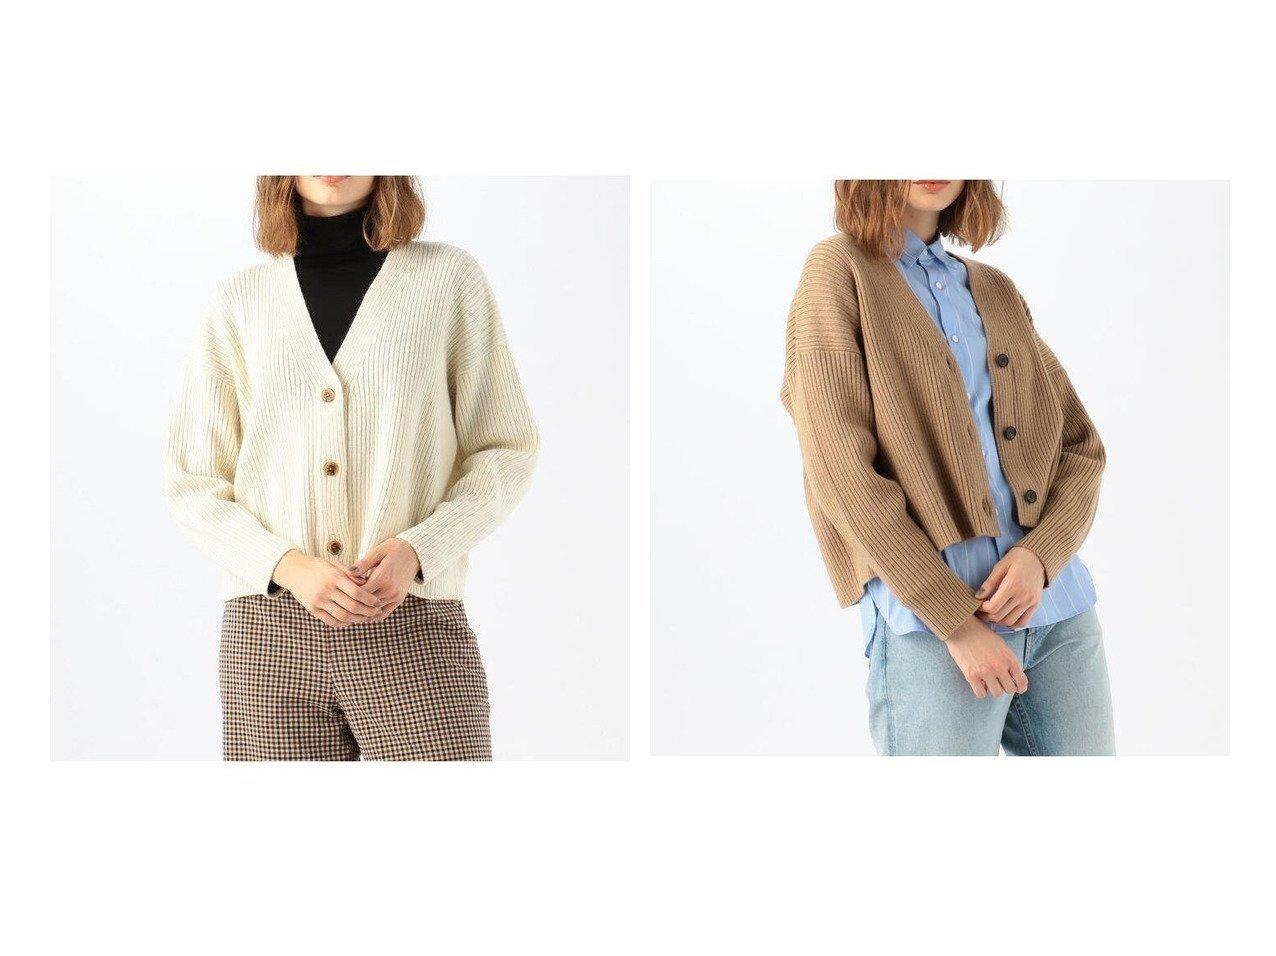 【TOMORROWLAND MACPHEE/トゥモローランド マカフィー】のウールリブ Vネックカーディガン トップス・カットソーのおすすめ!人気!プチプライスで上品なファッションアイテムの通販 おすすめで人気の流行・トレンド、ファッションの通販商品 メンズファッション・キッズファッション・インテリア・家具・レディースファッション・服の通販 founy(ファニー) https://founy.com/ ファッション Fashion レディースファッション WOMEN トップス カットソー Tops Tshirt カーディガン Cardigans Vネック V-Neck 2020年 2020 2020-2021 秋冬 A/W AW Autumn/Winter / FW Fall-Winter 2020-2021 A/W 秋冬 AW Autumn/Winter / FW Fall-Winter カーディガン スリーブ バランス フィット ベーシック  ID:crp329100000022812